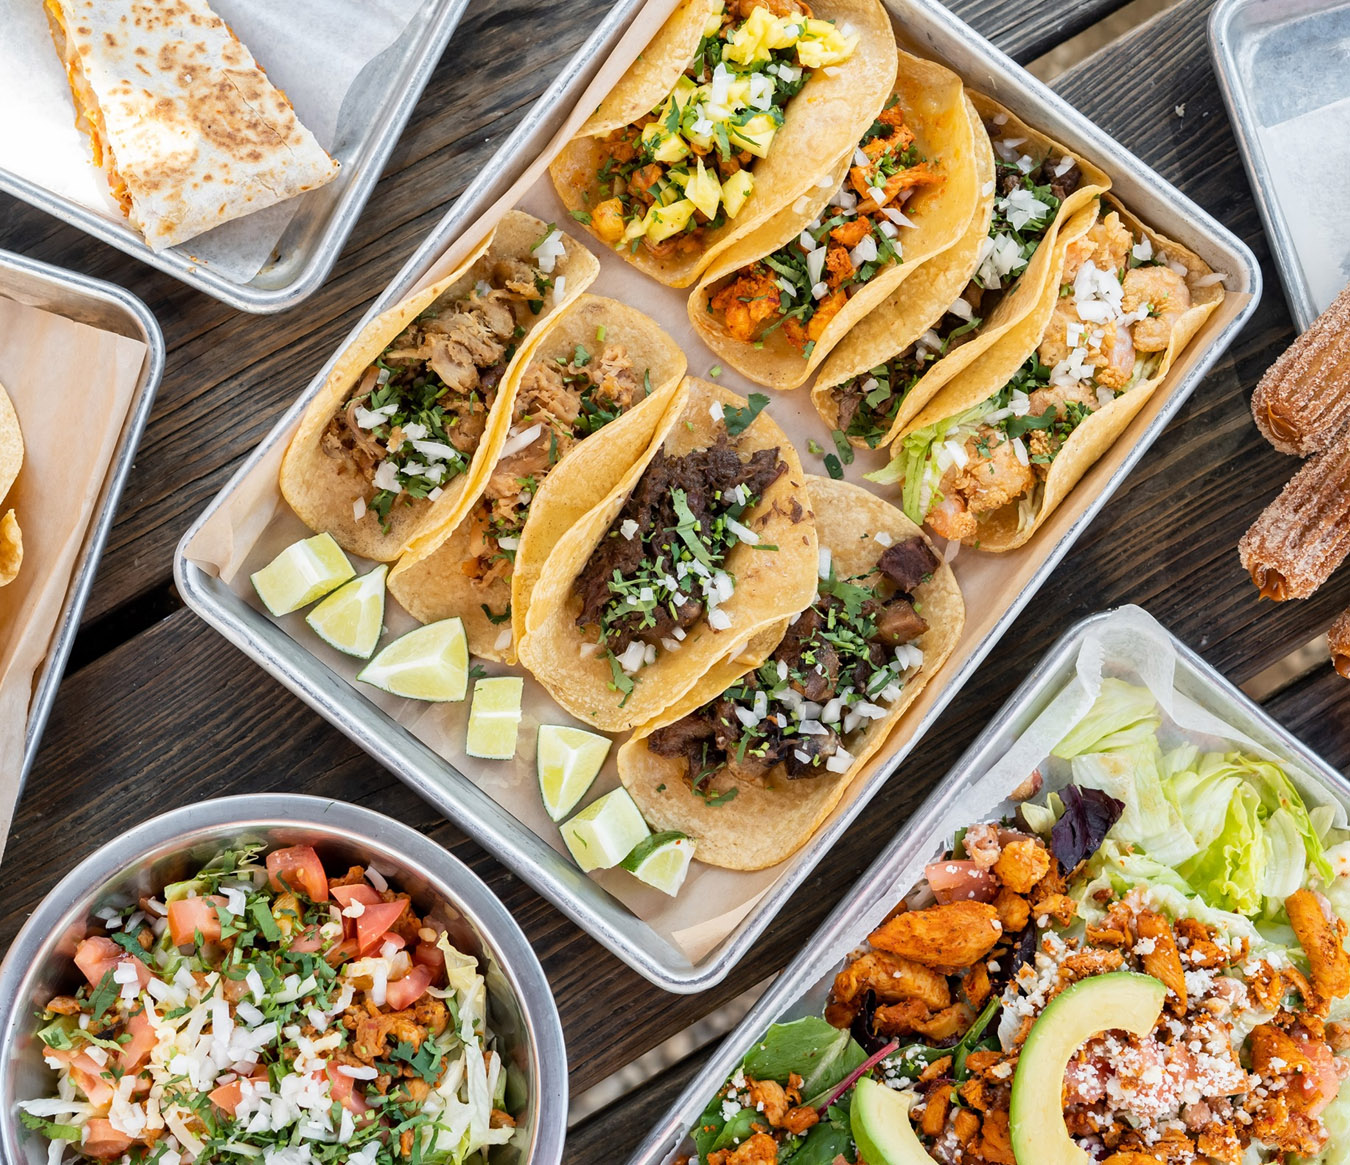 Where to Eat In Dallas - CBD Provisions